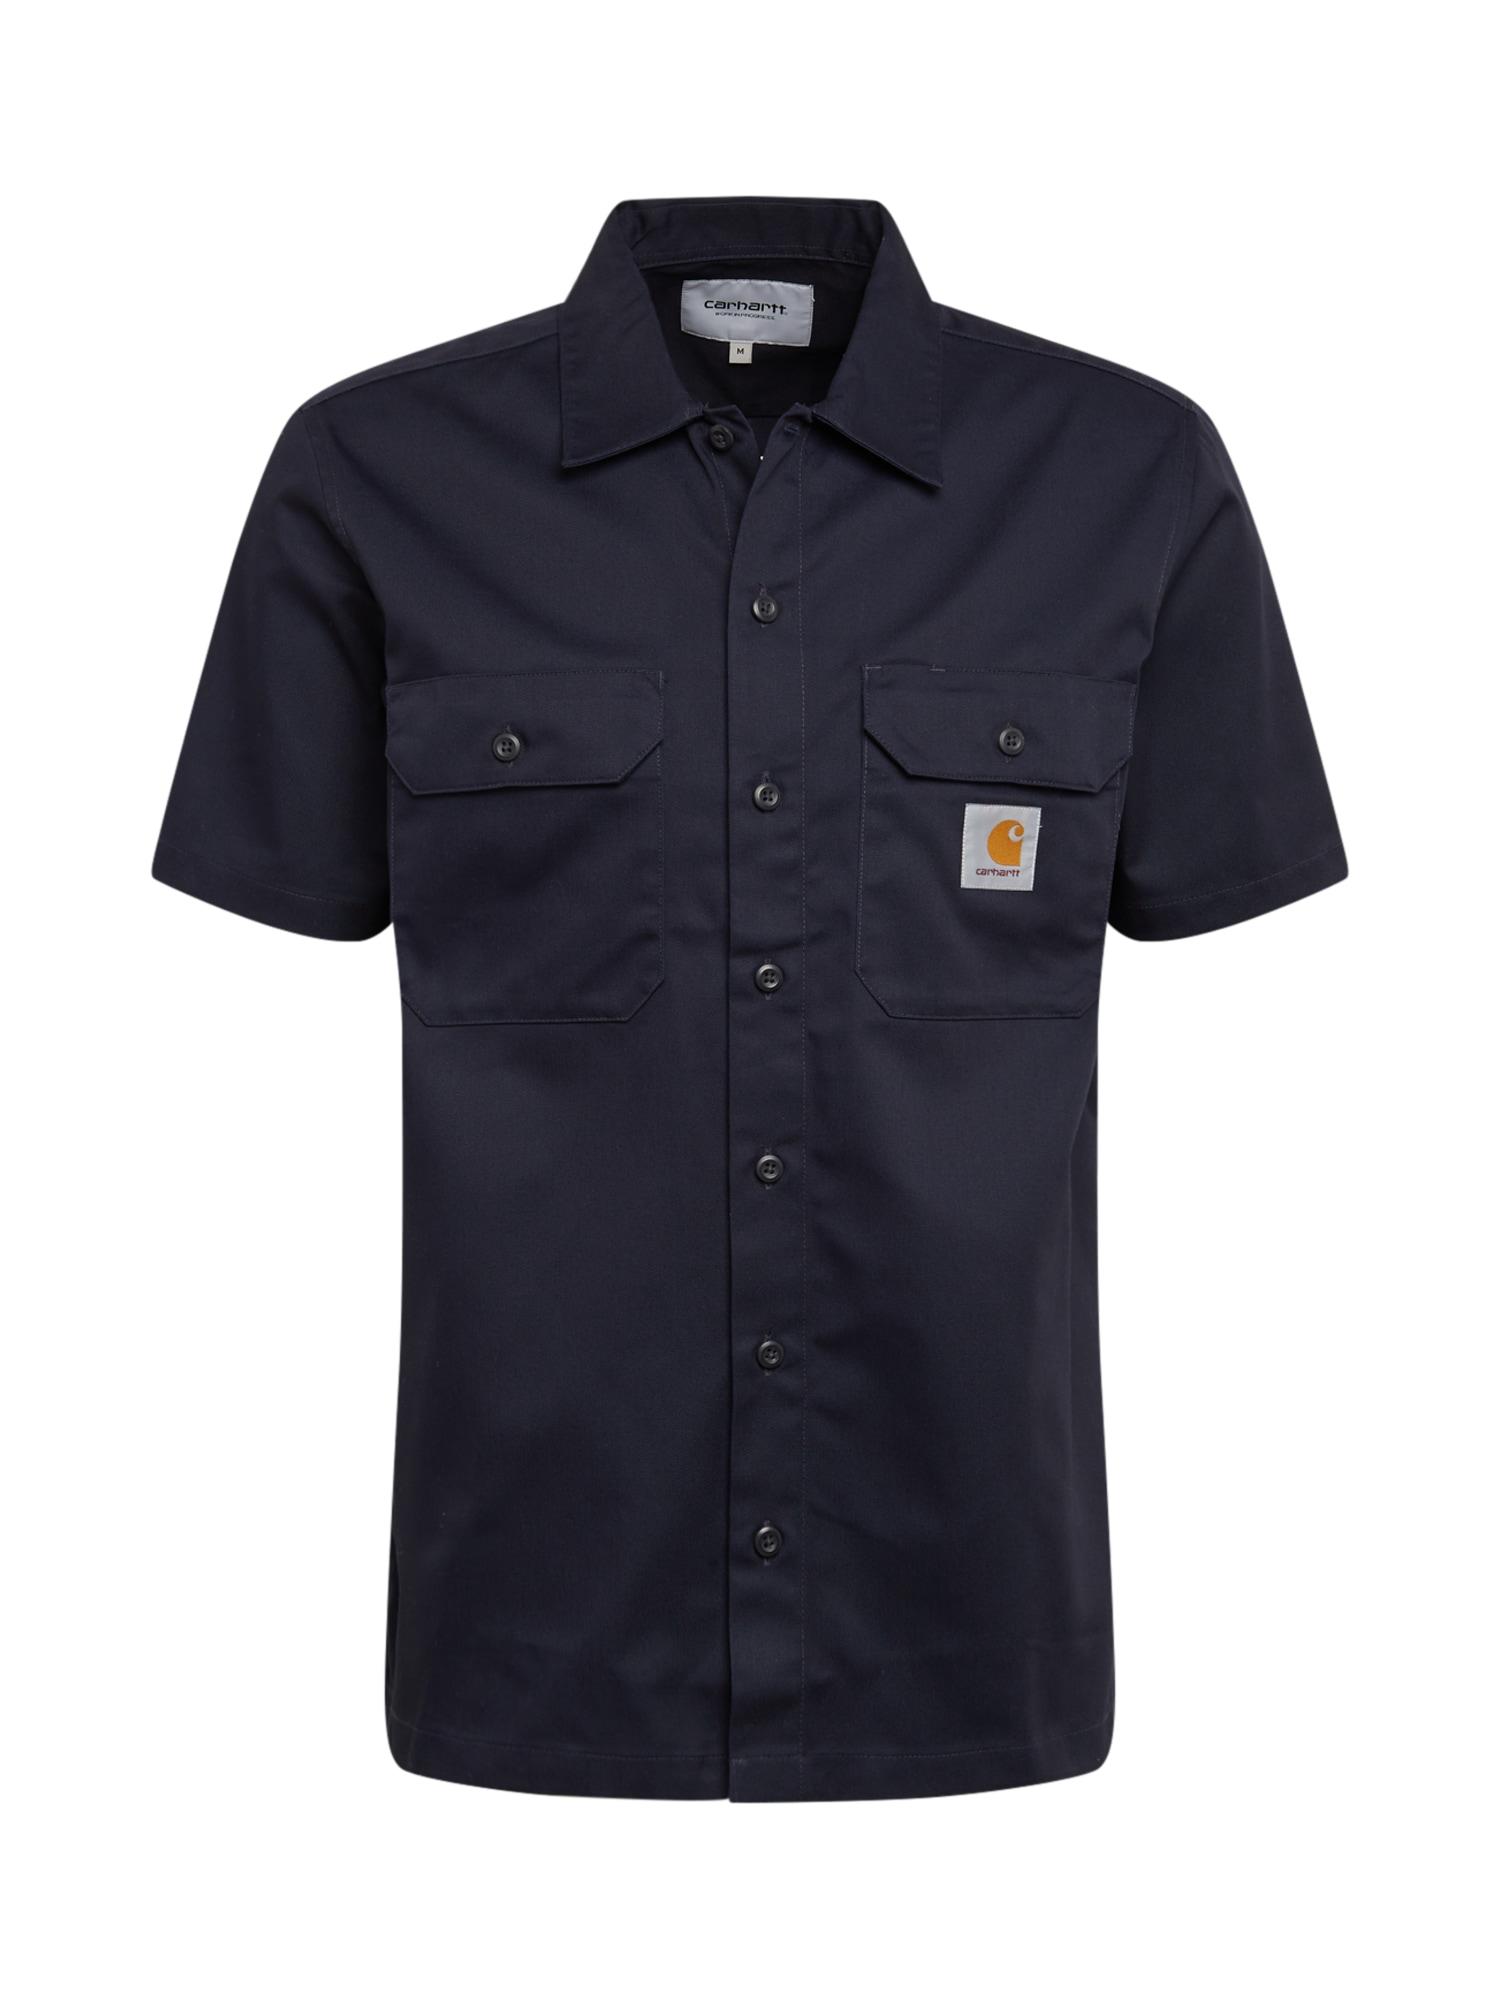 Carhartt WIP Dalykiniai marškiniai 'S/S Master Shirt' tamsiai mėlyna